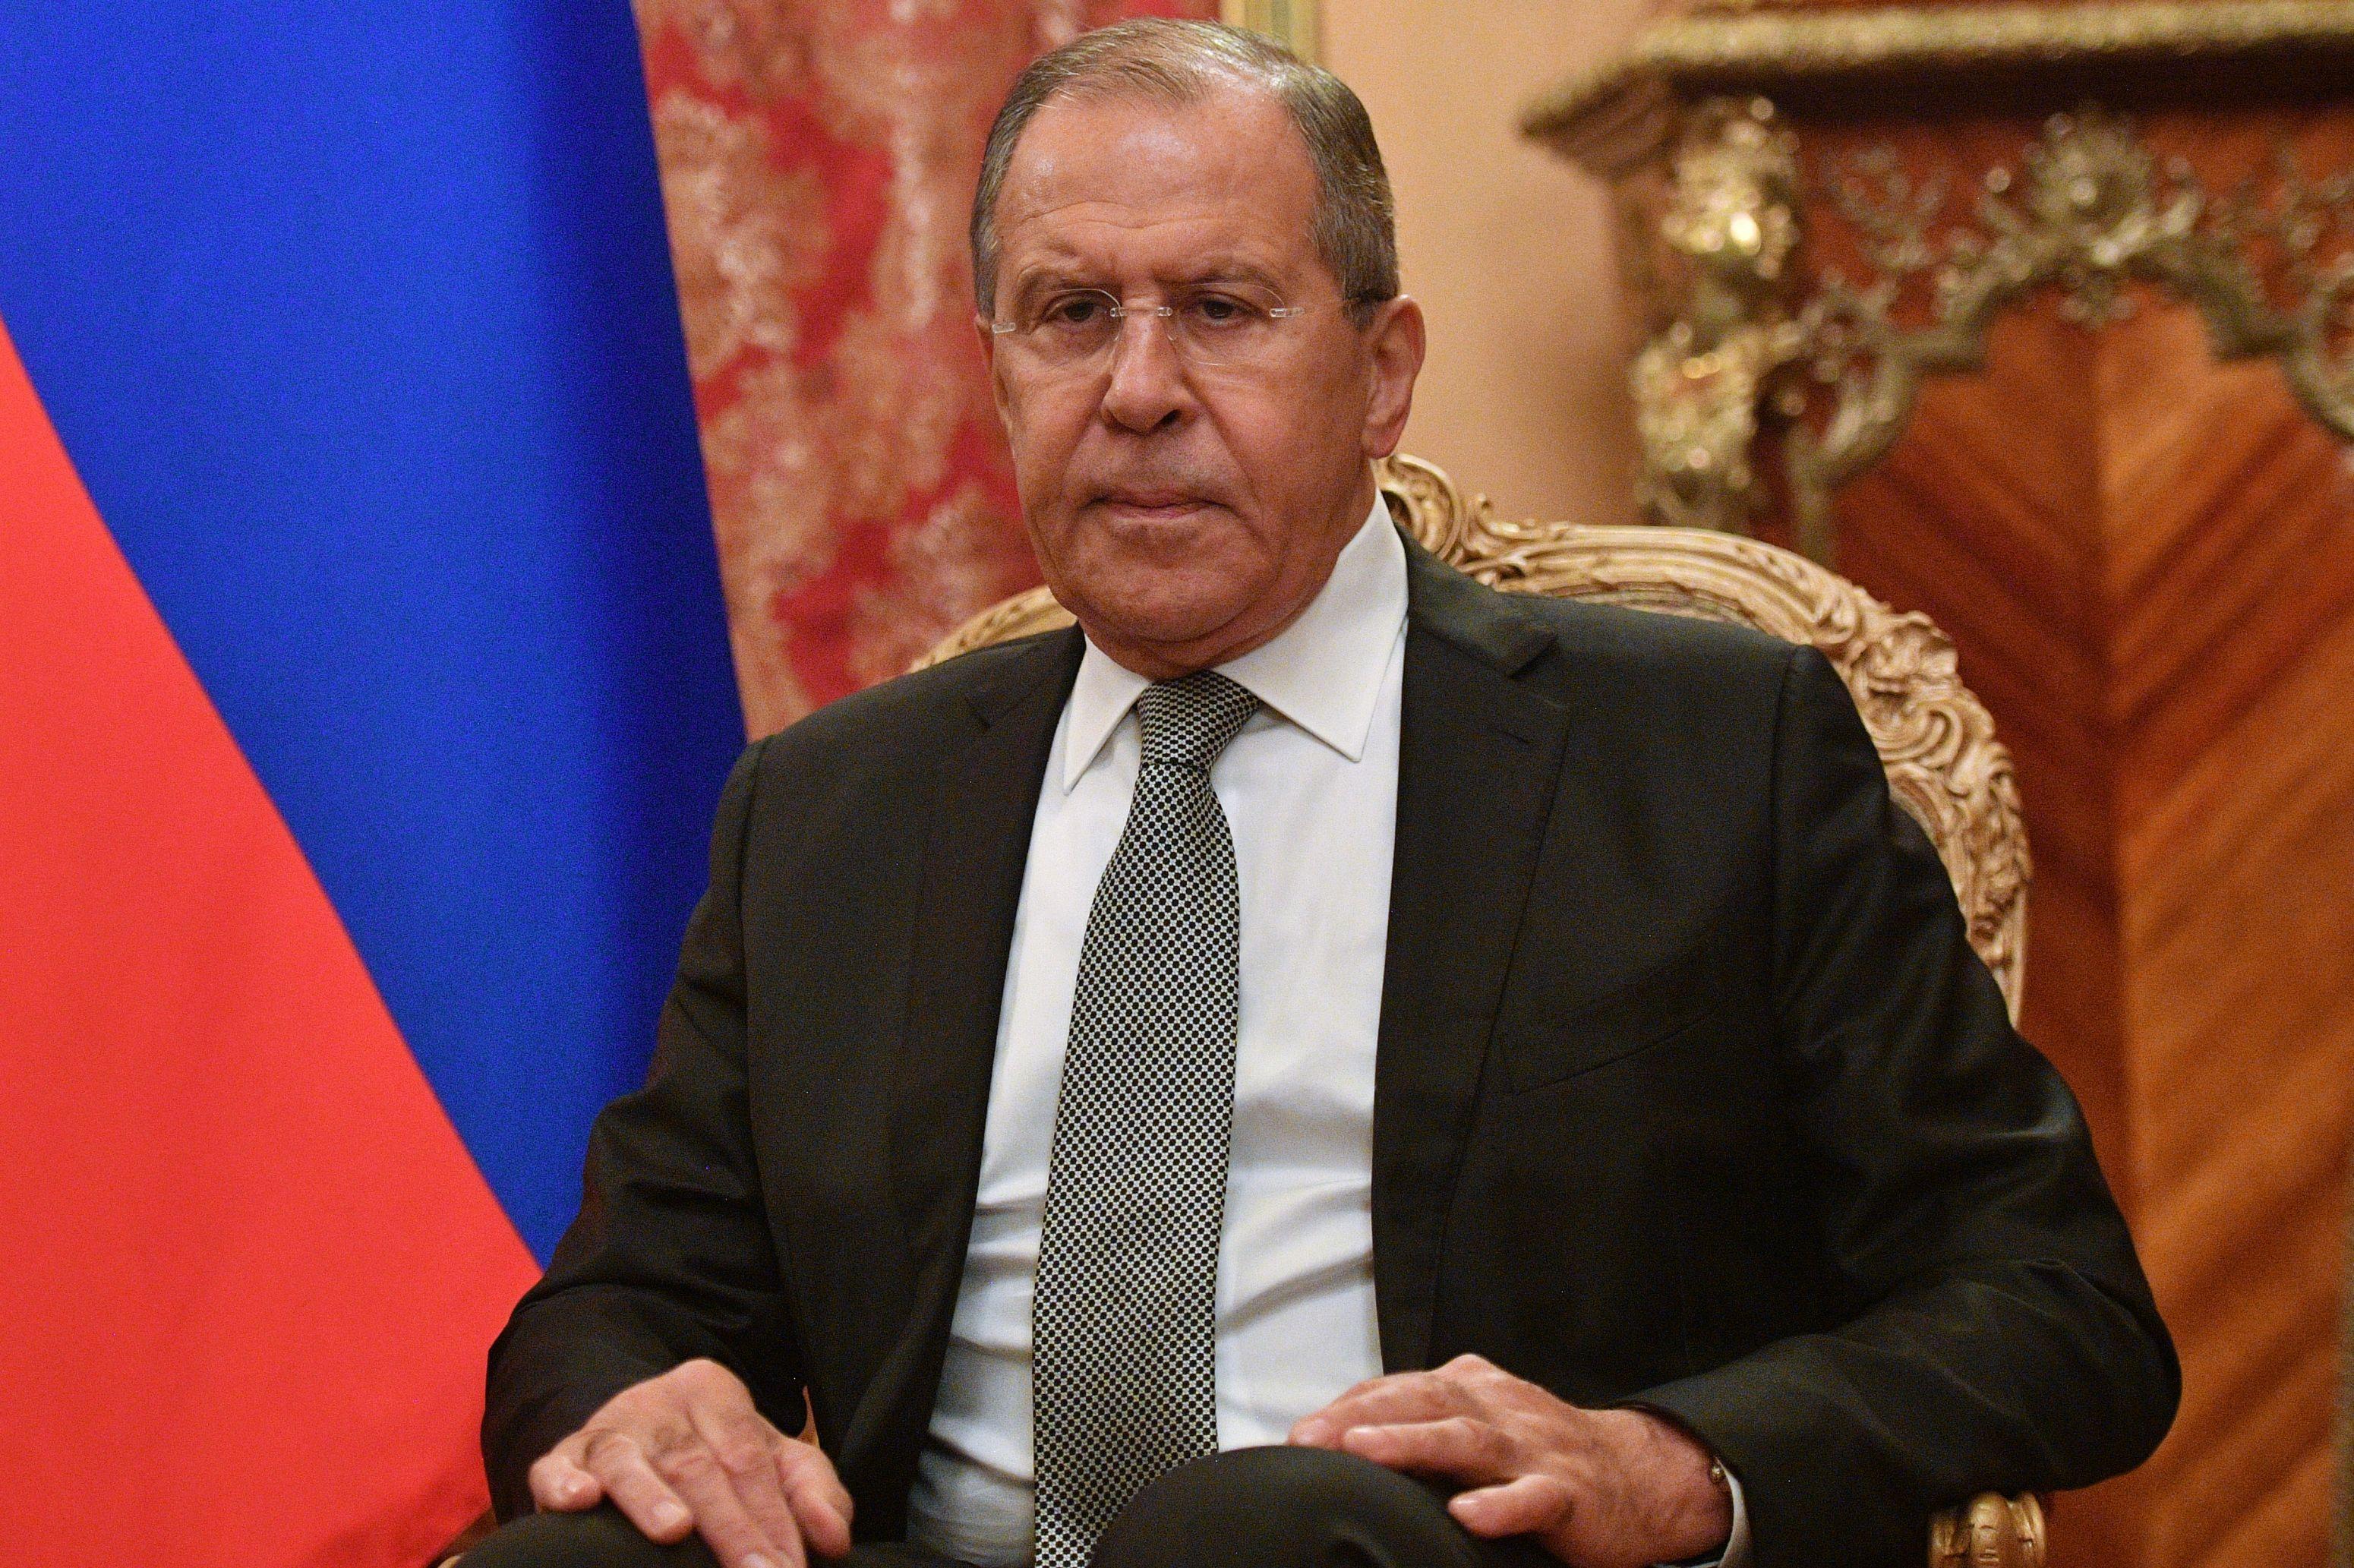 Ministrul de Externe al Rusiei: Acordul nuclear cu Iranul nu poate supravieţui dacă SUA se retrag